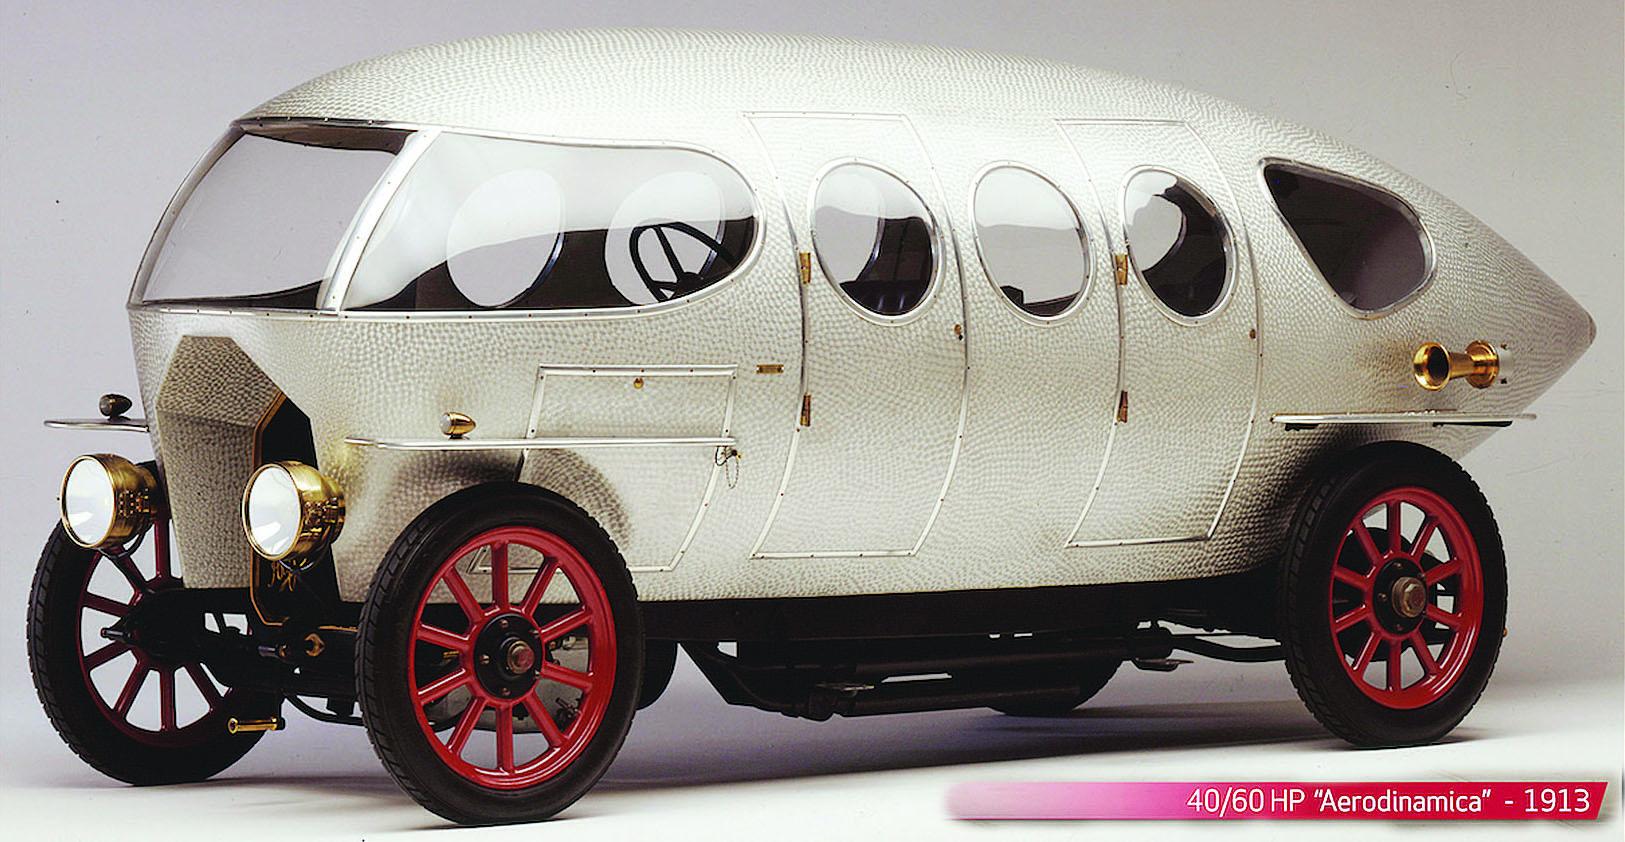 Alfa Romeo'nun 110 yıllık hikâyesi